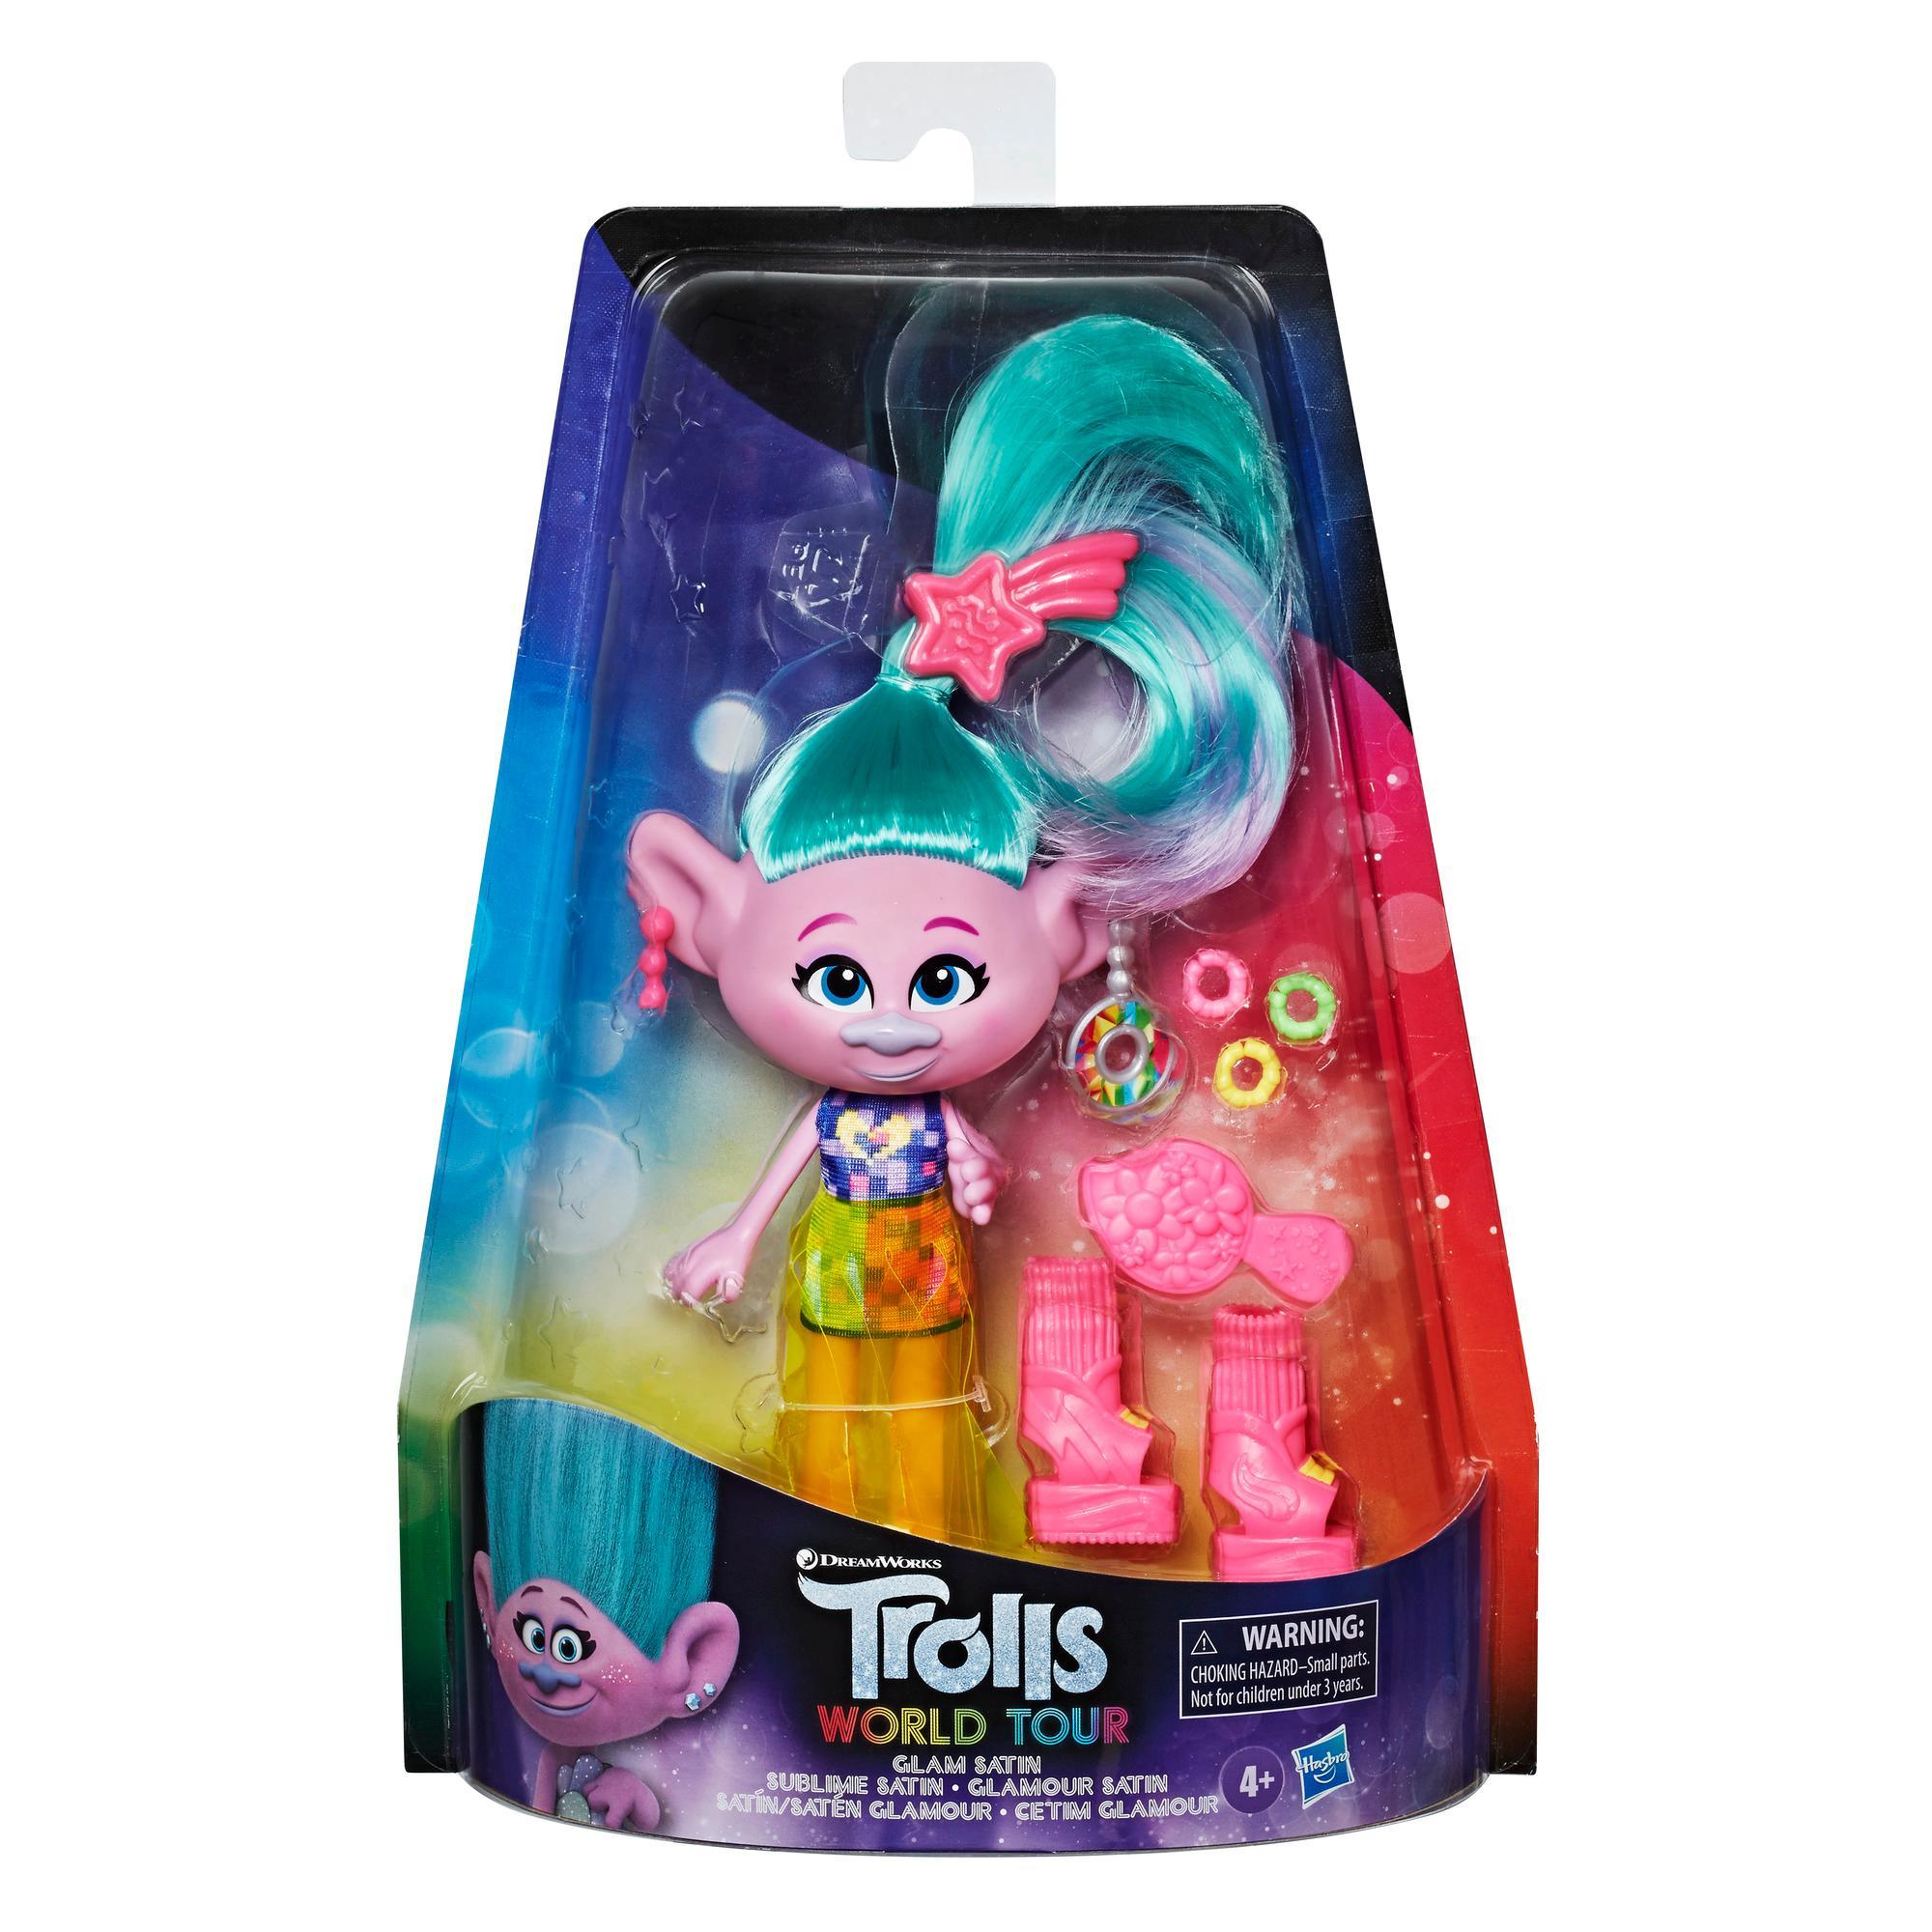 DreamWorks Trolls World - Seta Glamour - Bambola con vestito e altri accessori, ispirata al film Trolls World Tour, giocattolo per bambine